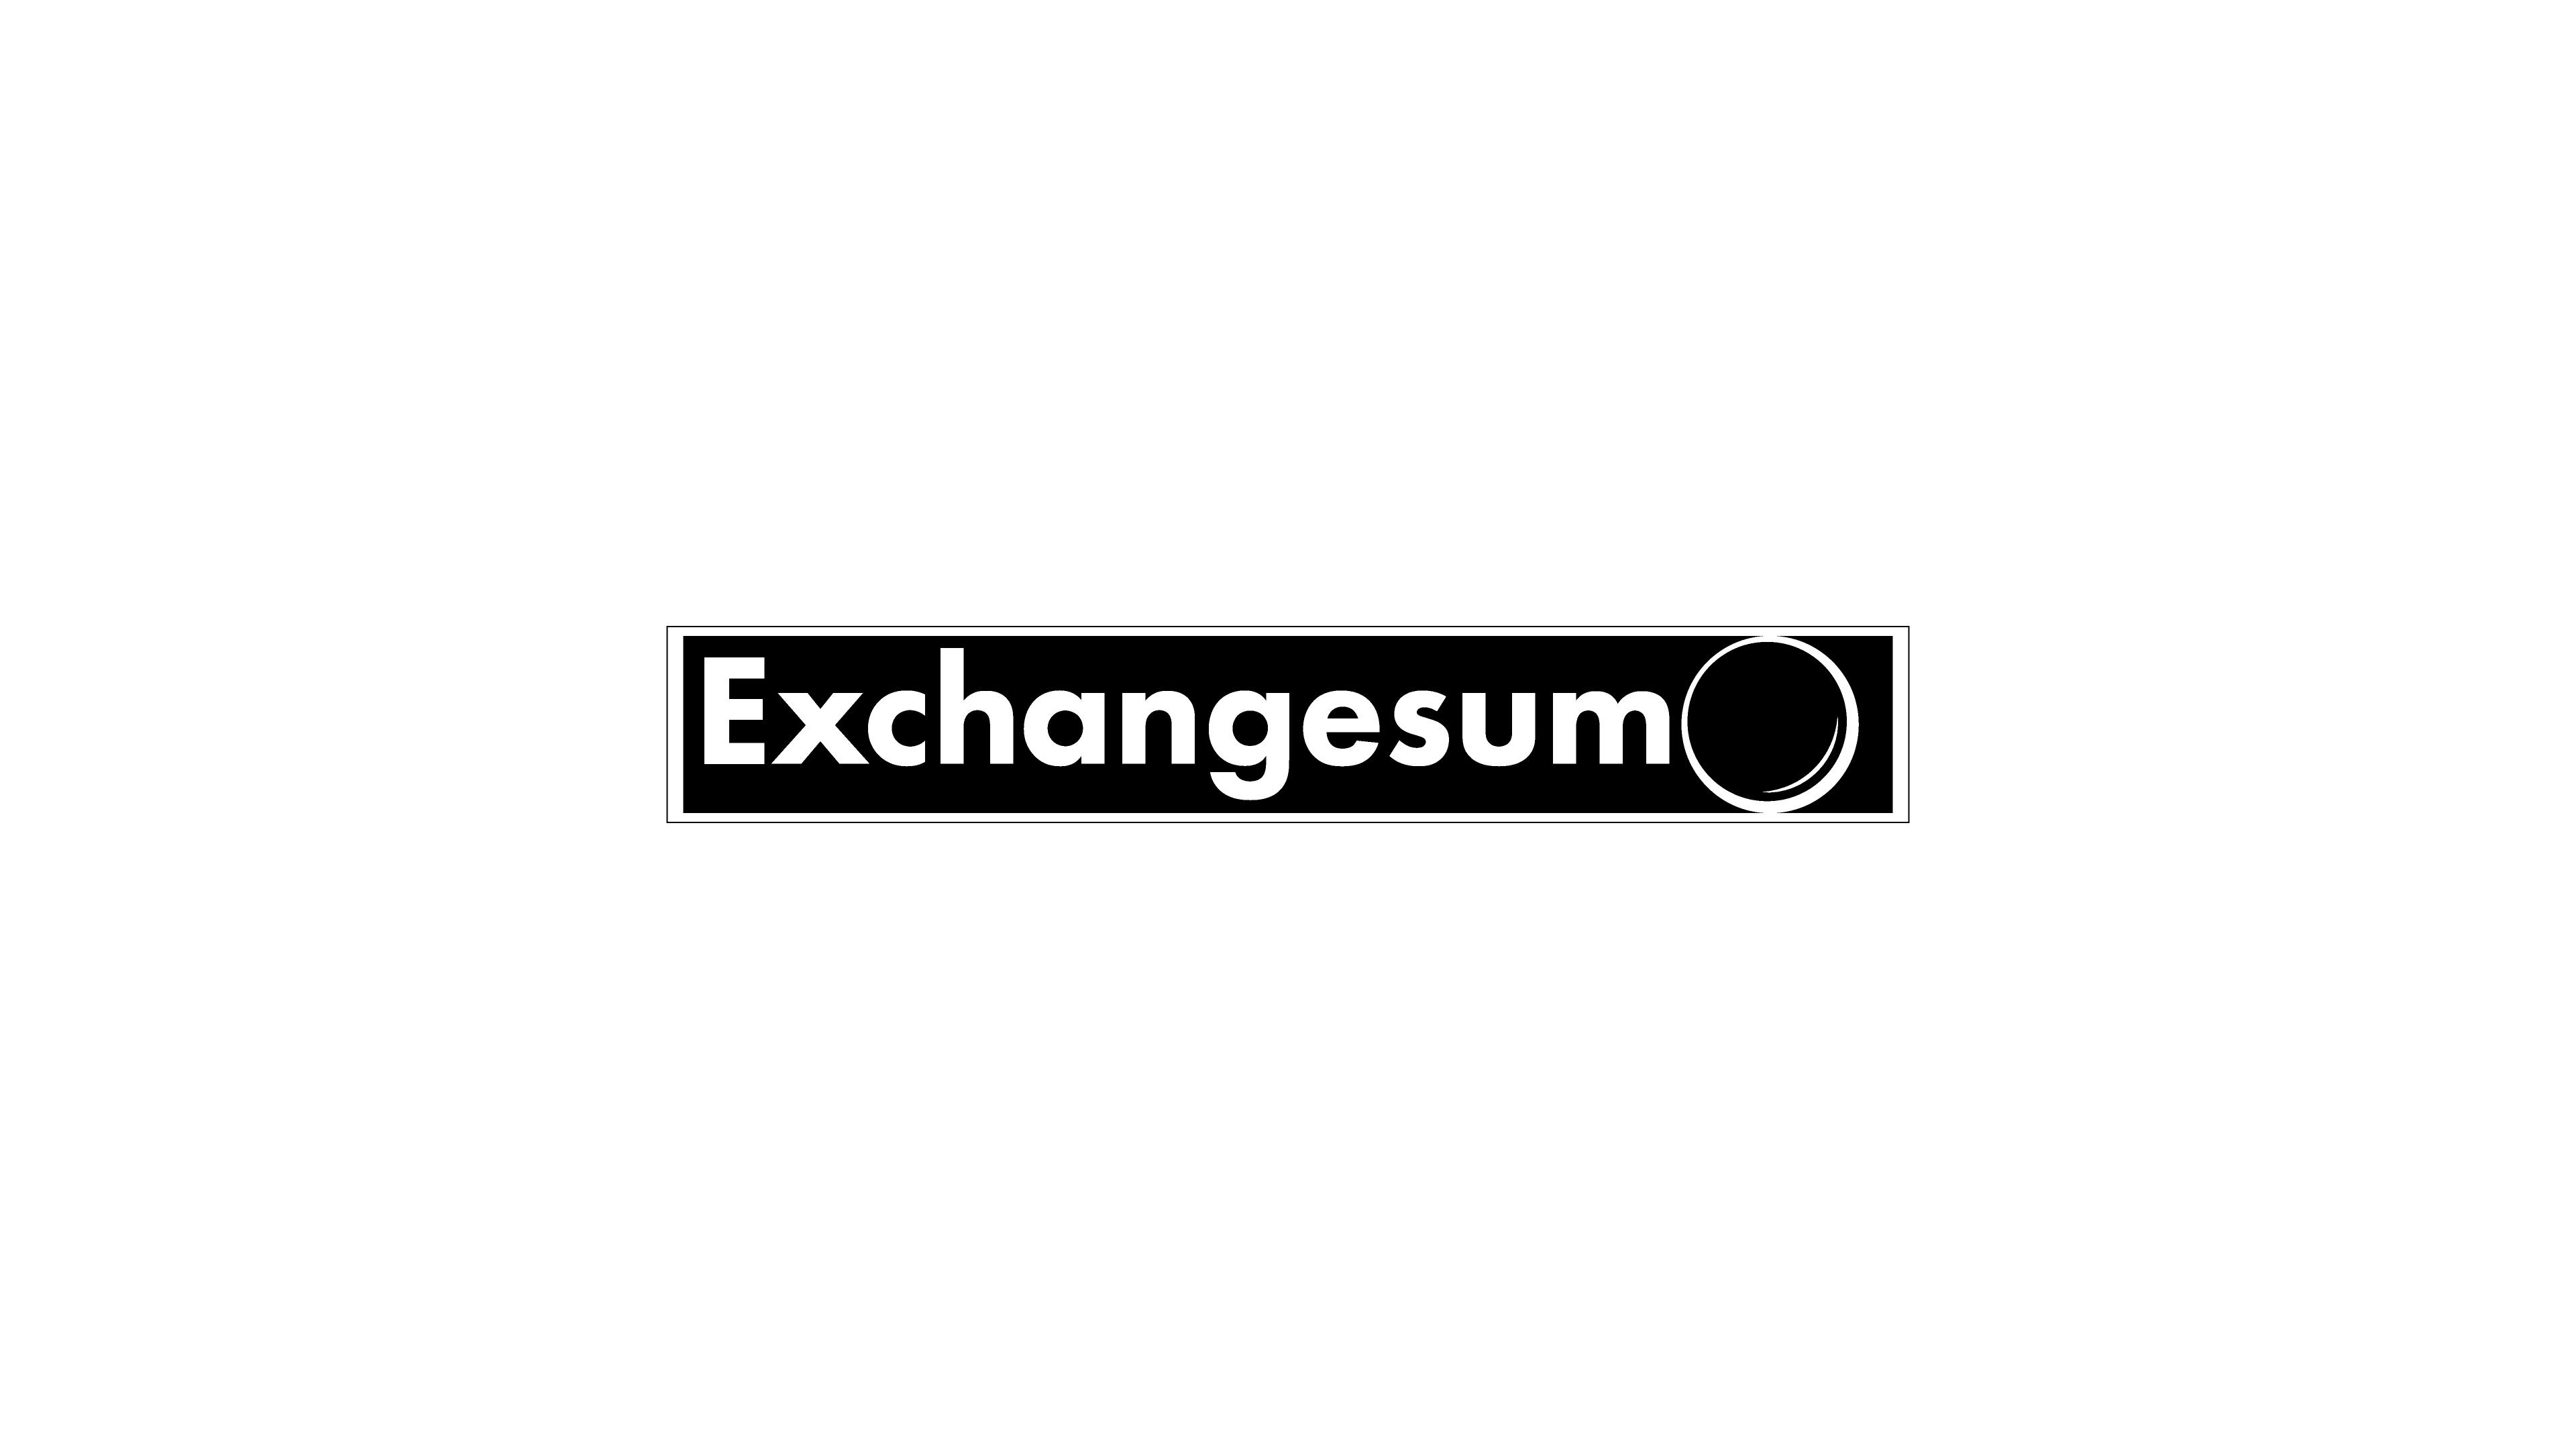 Логотип для мониторинга обменников фото f_4155baa7dc5712bb.png